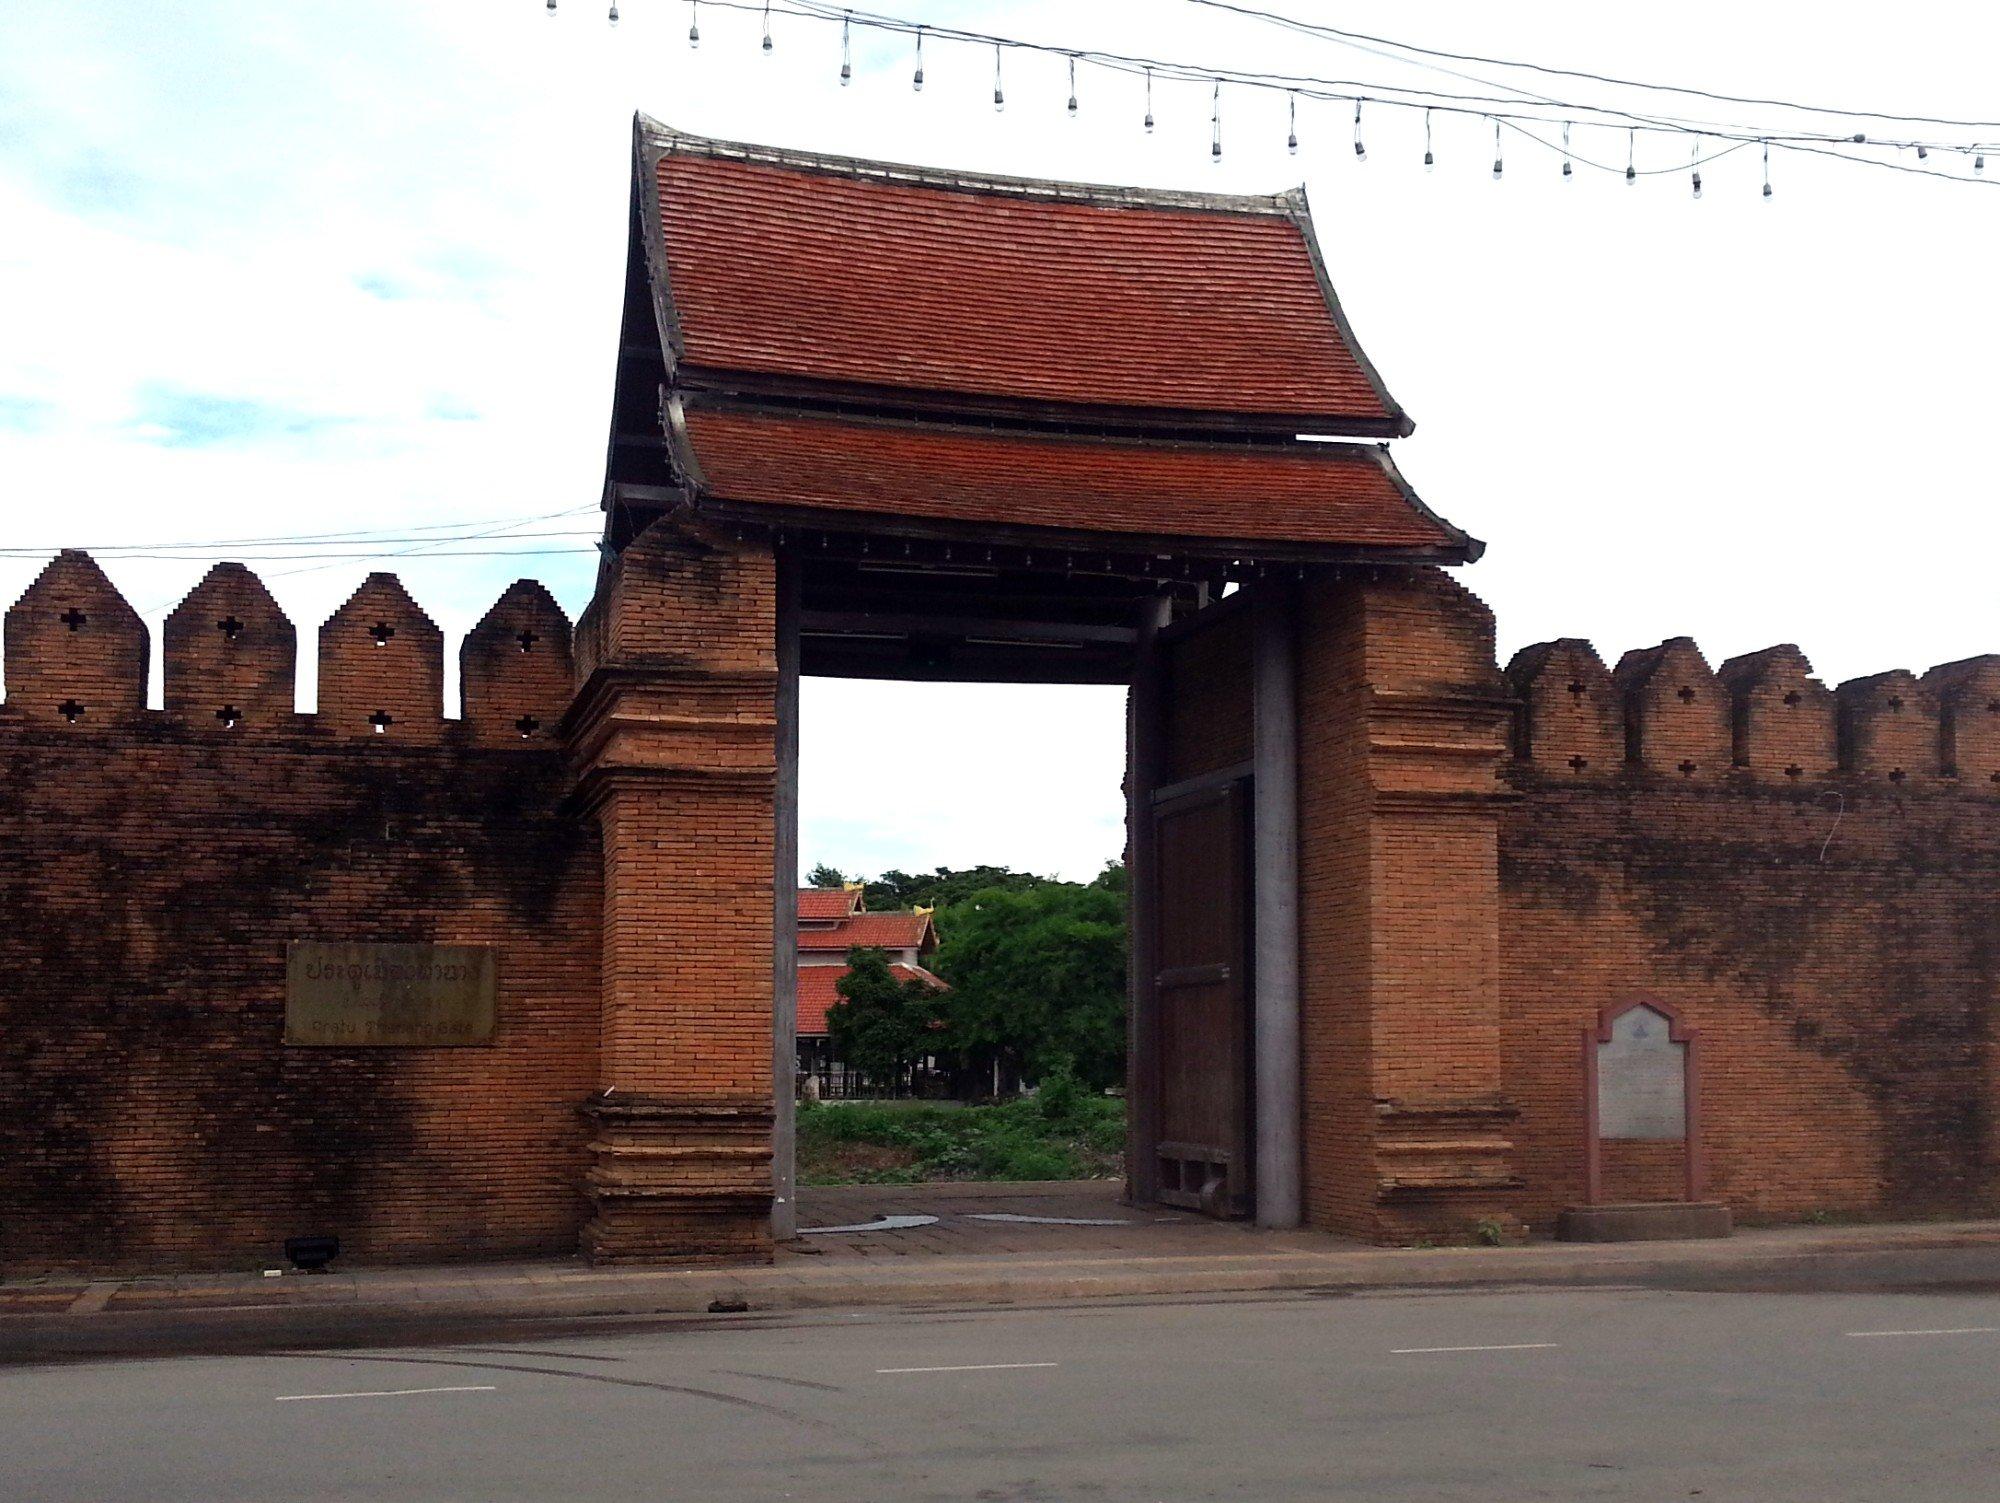 Tha Nang Gate in Lamphun